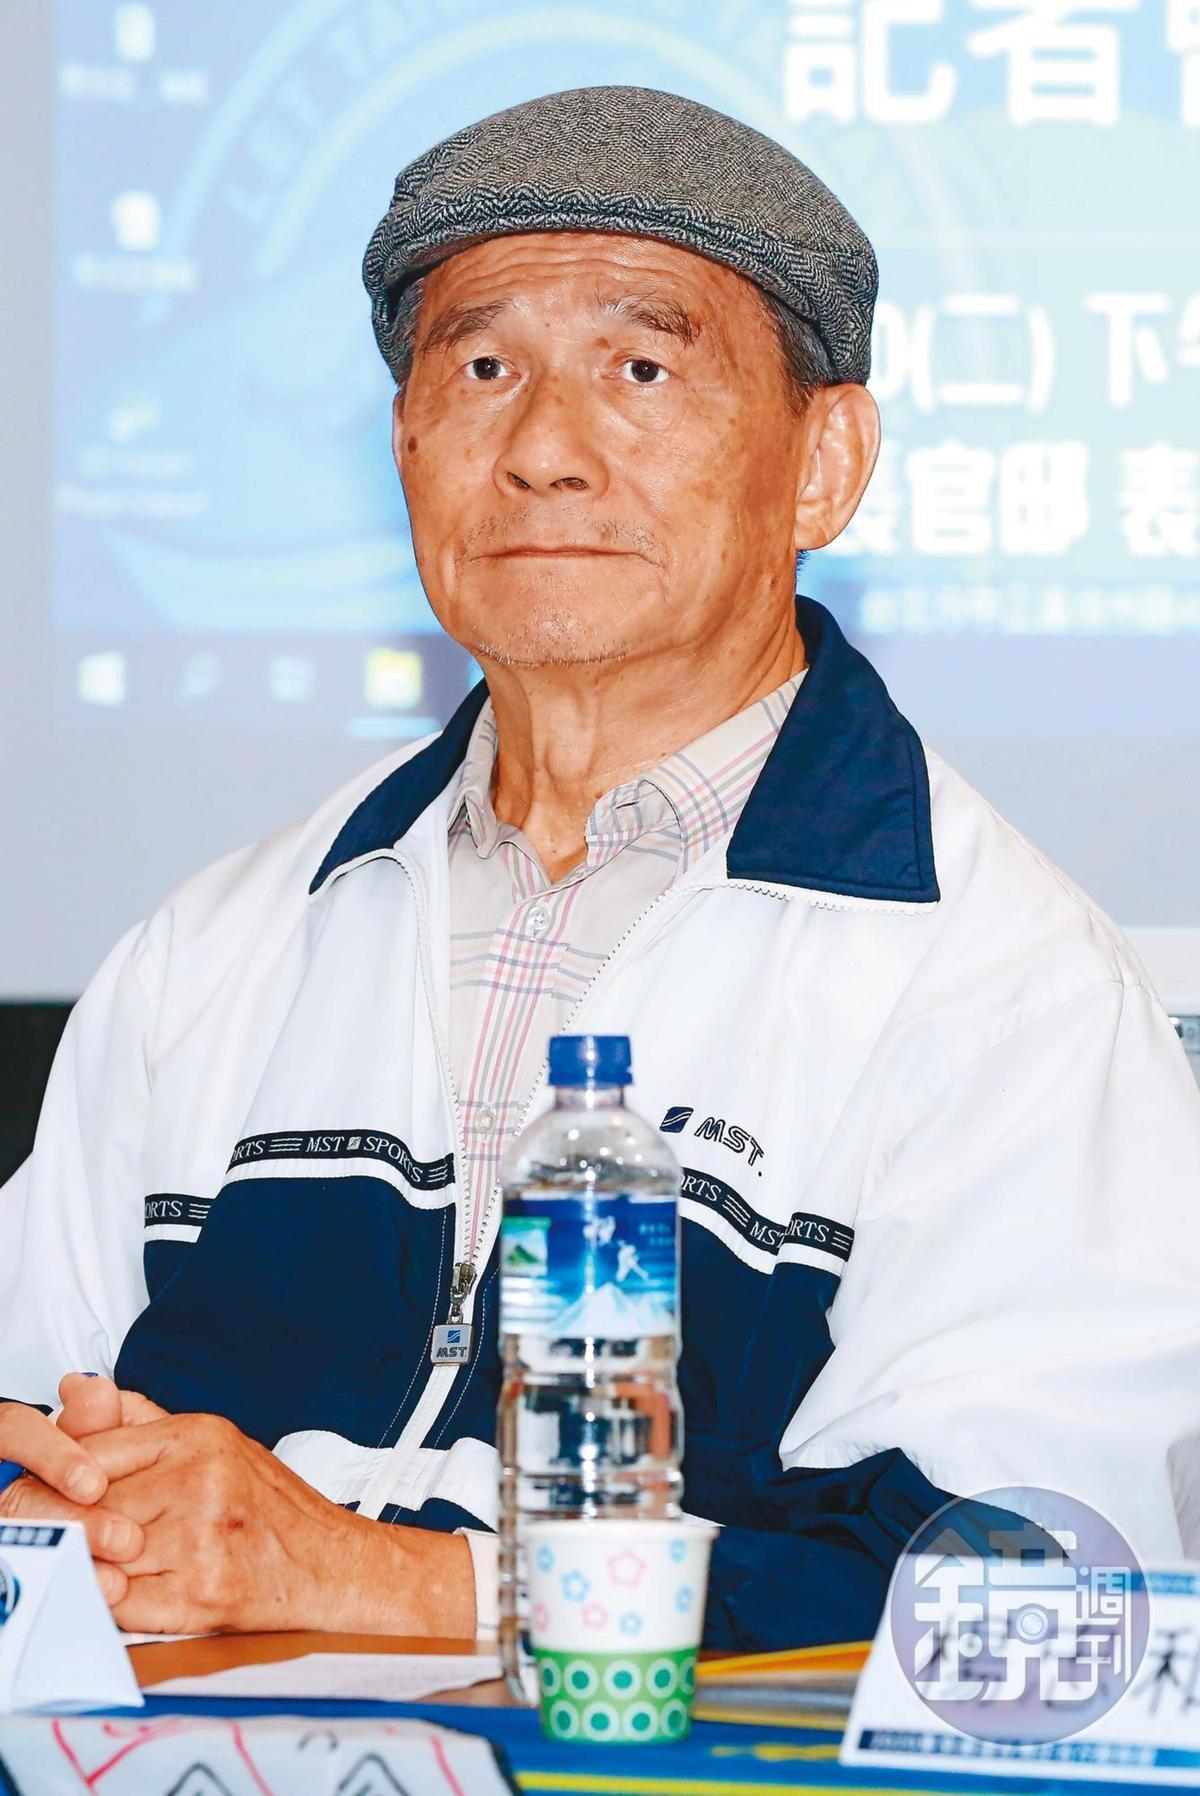 時任國防部長的蔡明憲(圖)面對鄭麗文質詢,下令依法嚴辦。